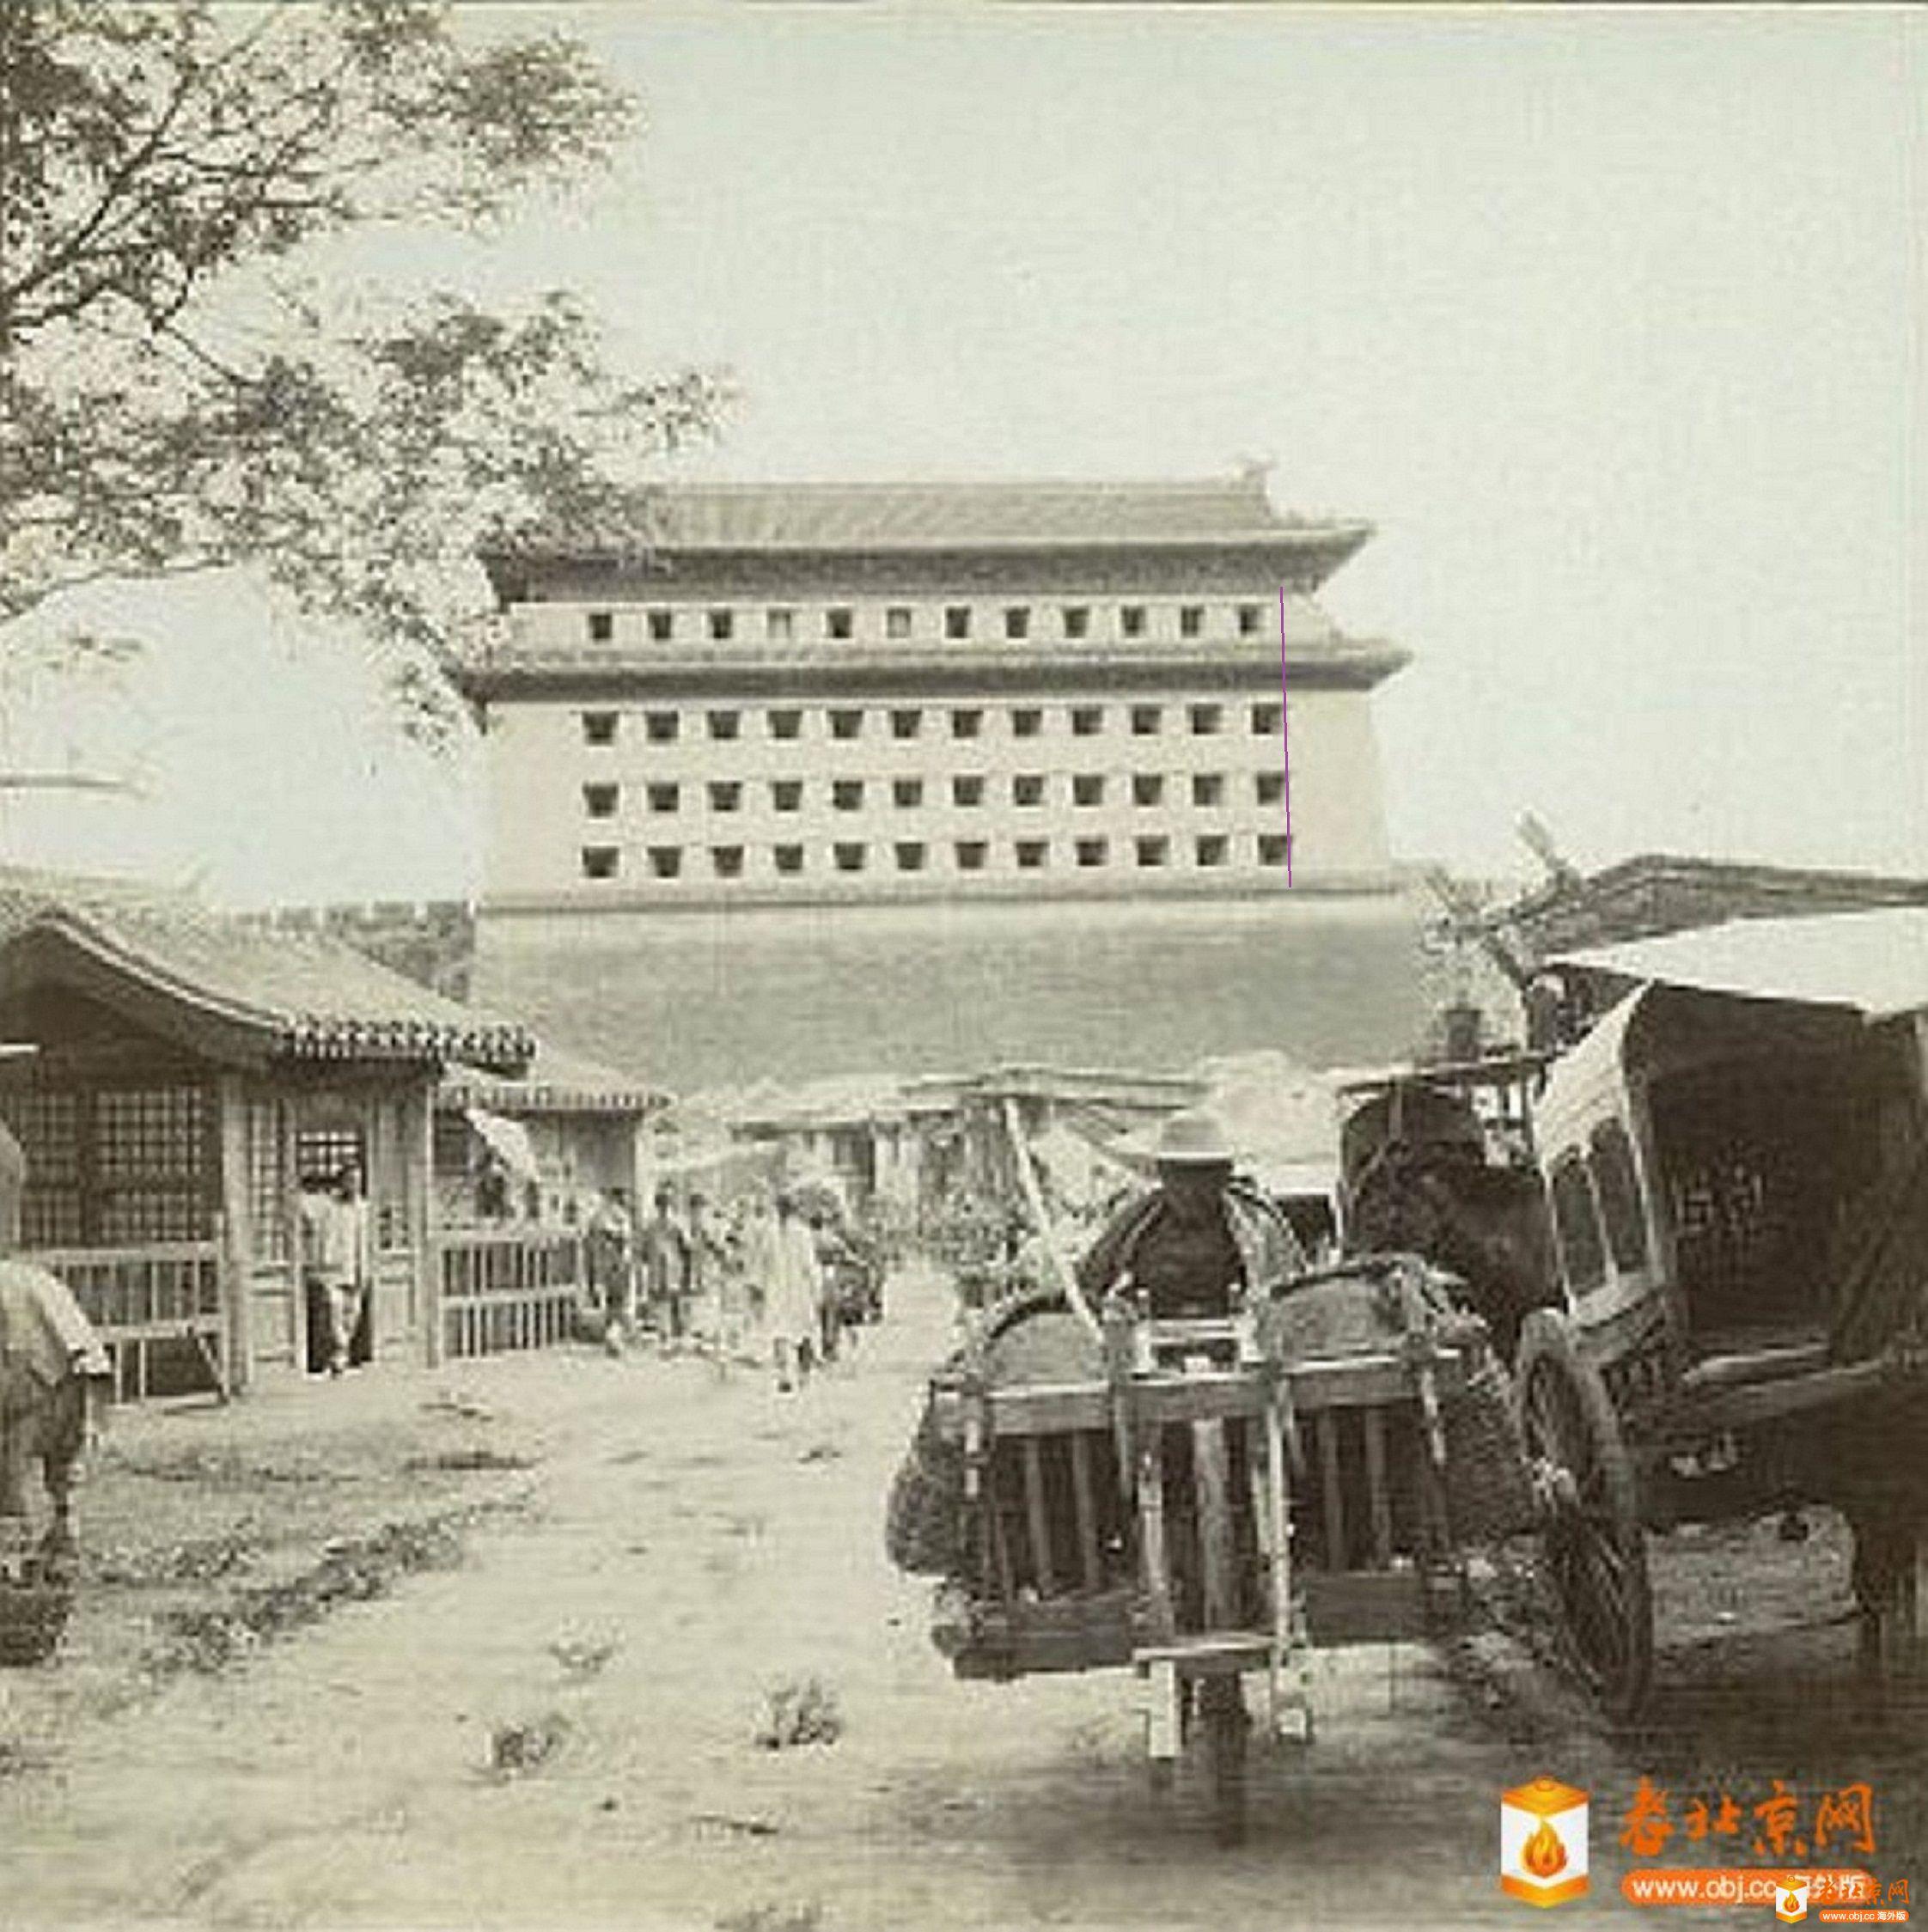 422.阜成门-箭楼                    (190-年) - 副本 (2).jpg